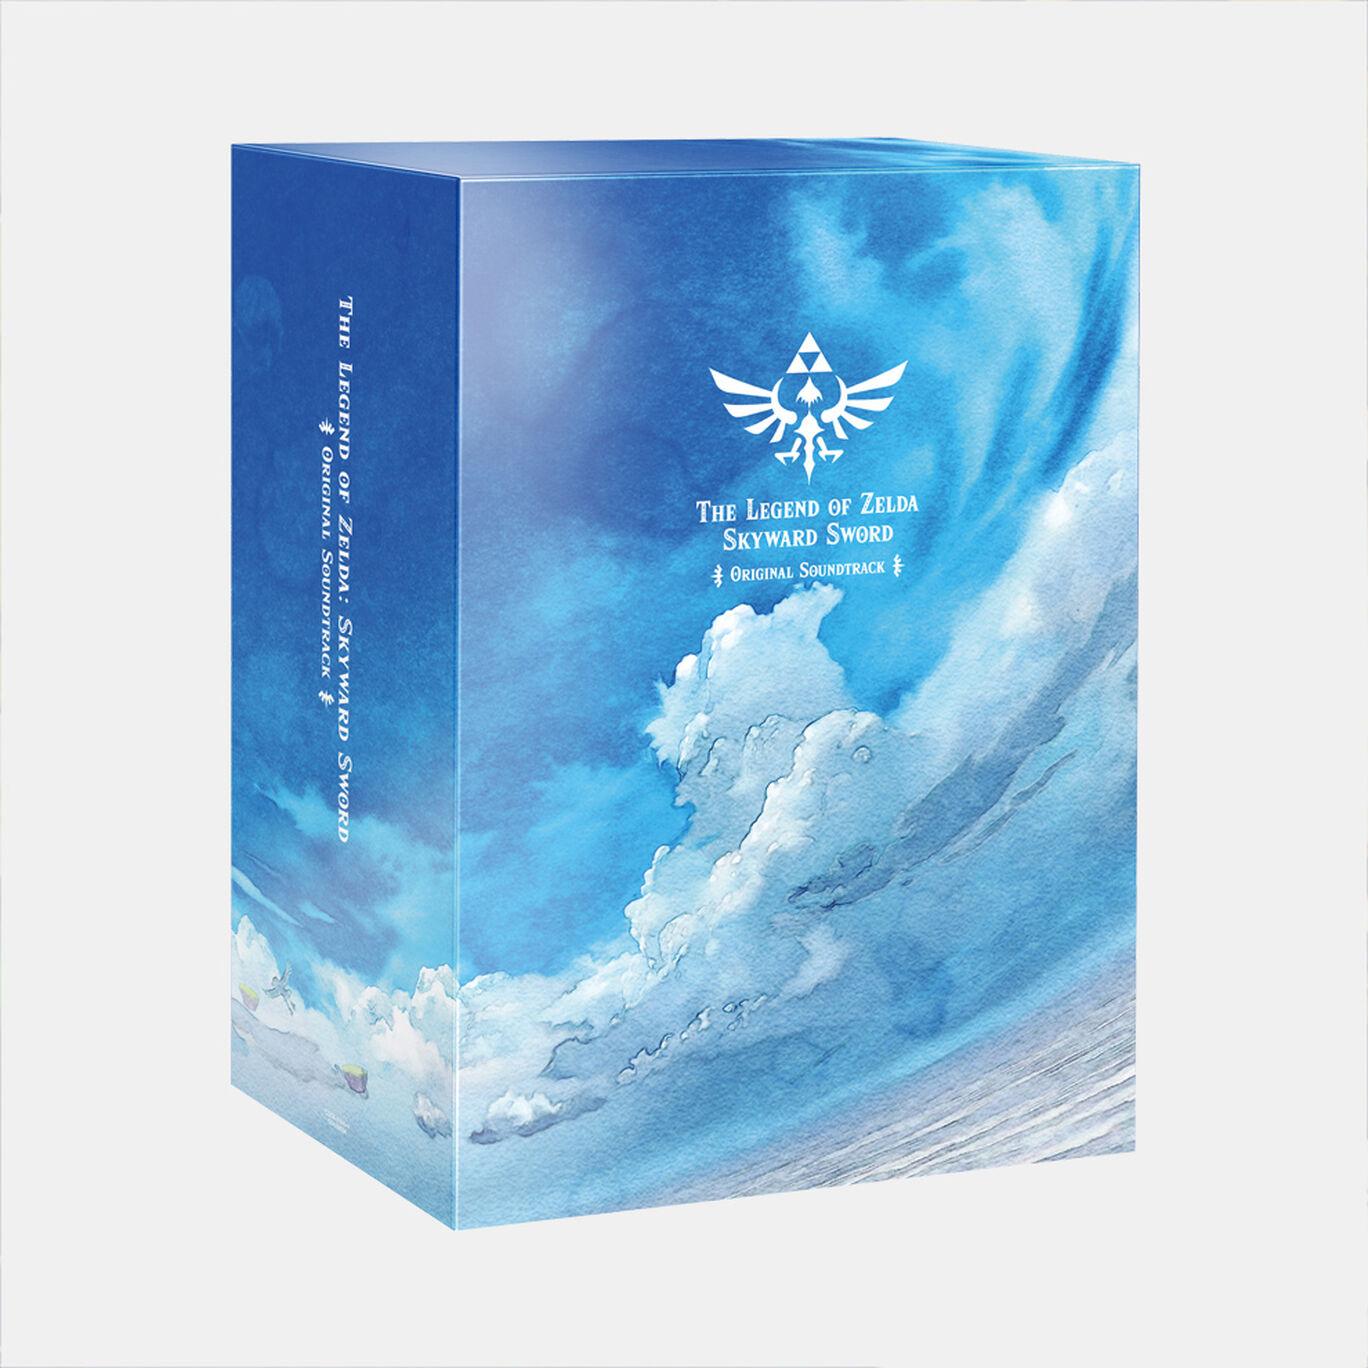 【新商品】「ゼルダの伝説 スカイウォードソード」オリジナルサウンドトラック【初回数量限定生産盤】